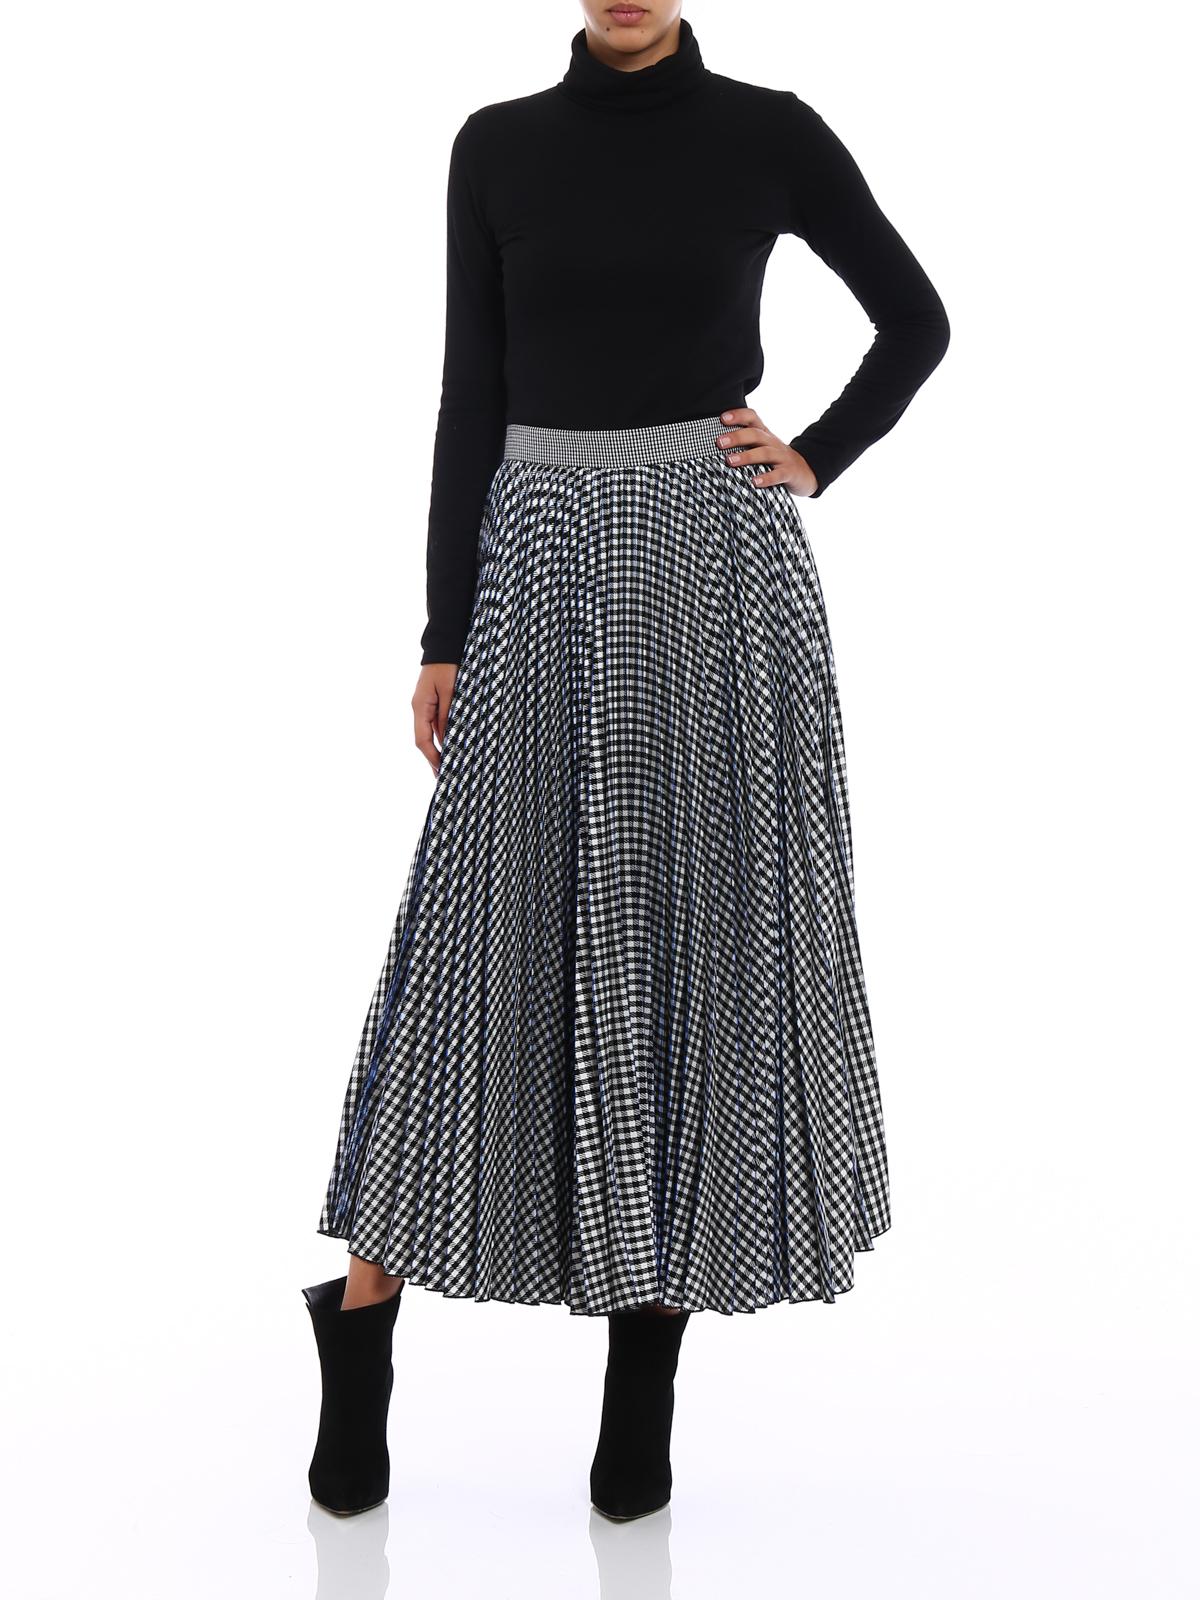 M S G M Gingham Print Pleated Midi Skirt Knee Length